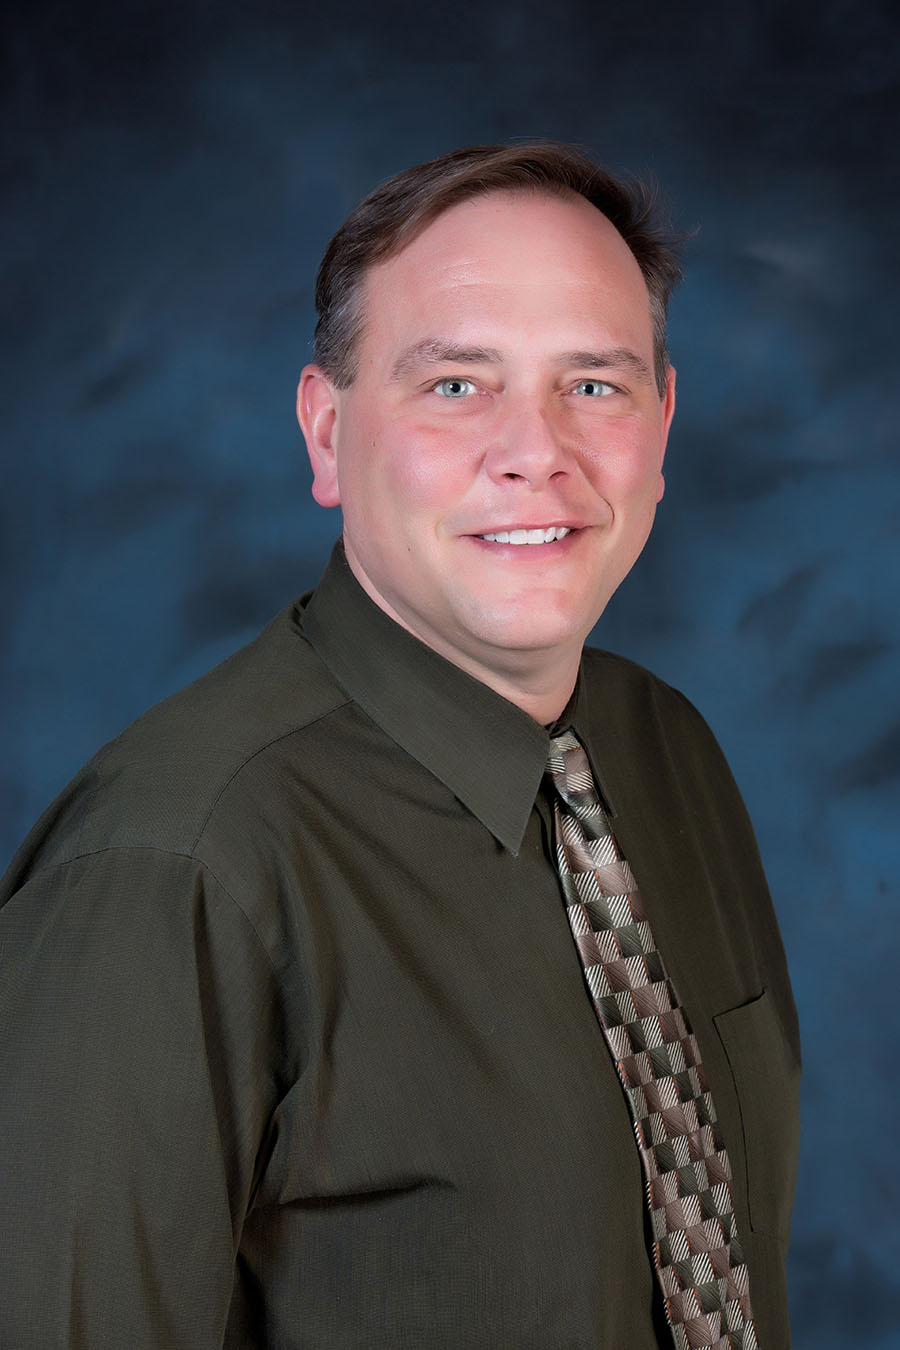 Paul Zundel